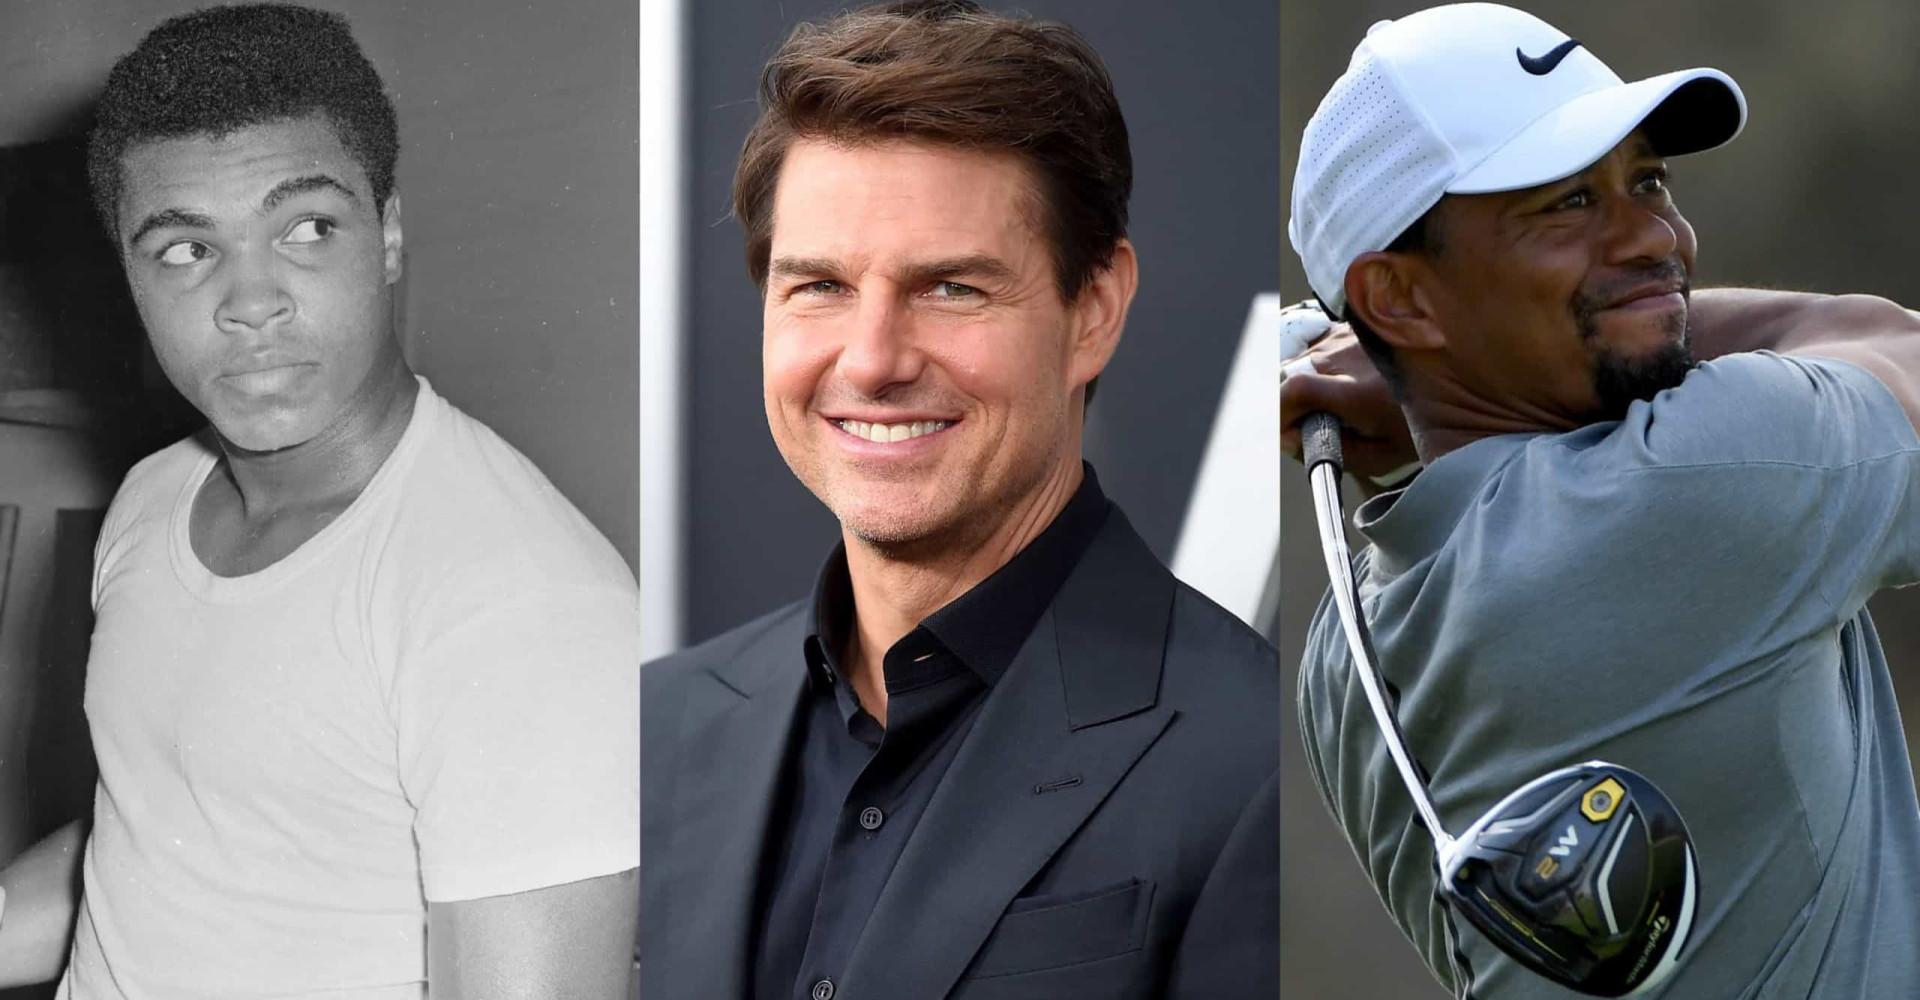 Des célébrités ont connu le succès malgré leur handicap